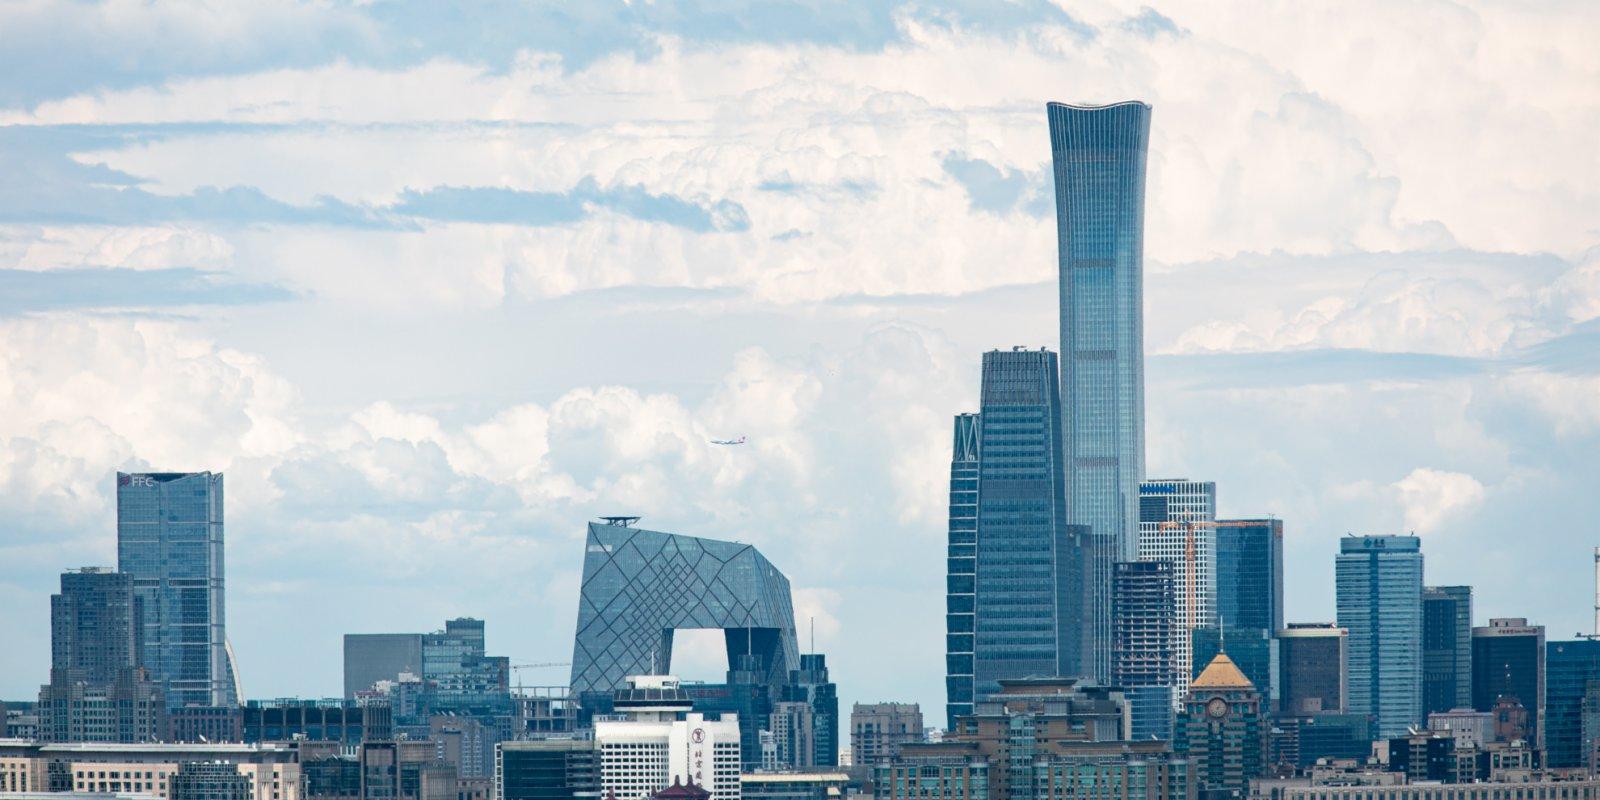 2021中國商業十大熱點報告:RCEP助經濟復甦 出口今年將回升